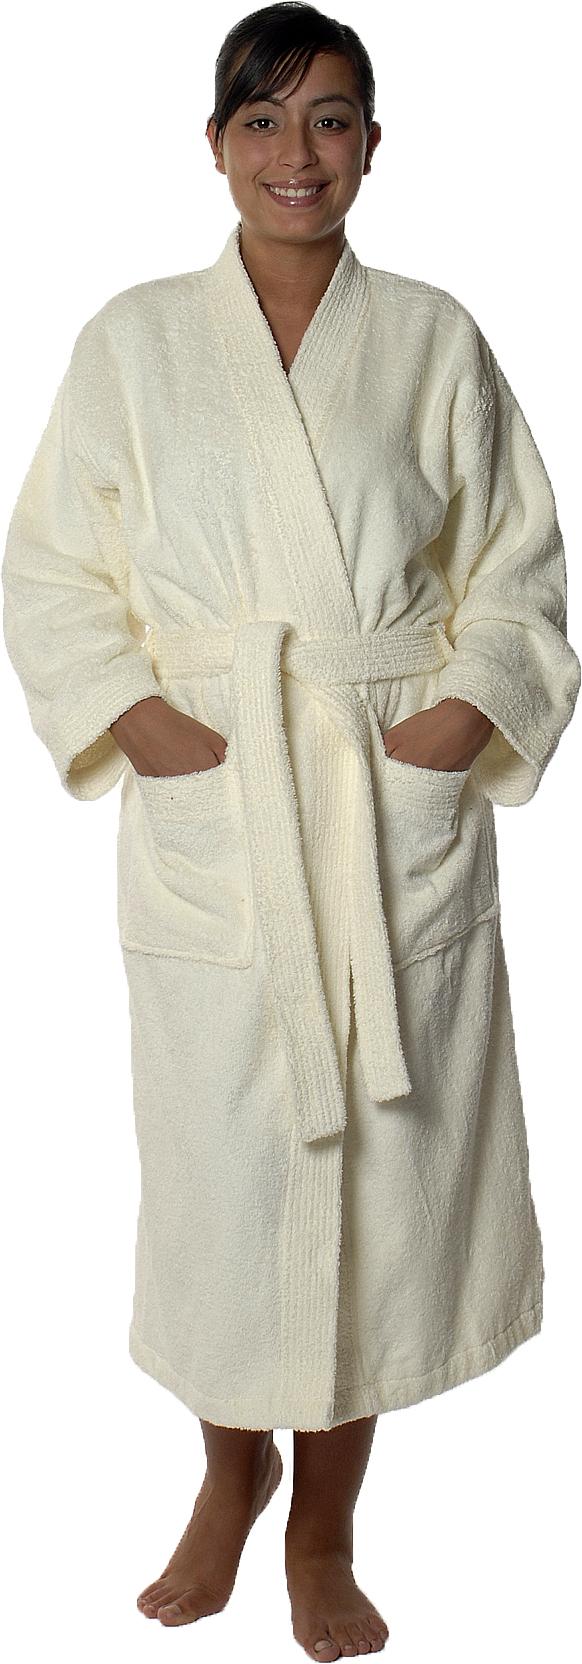 Peignoir col kimono en Coton couleur Ecru Taille XXL (Ecru)